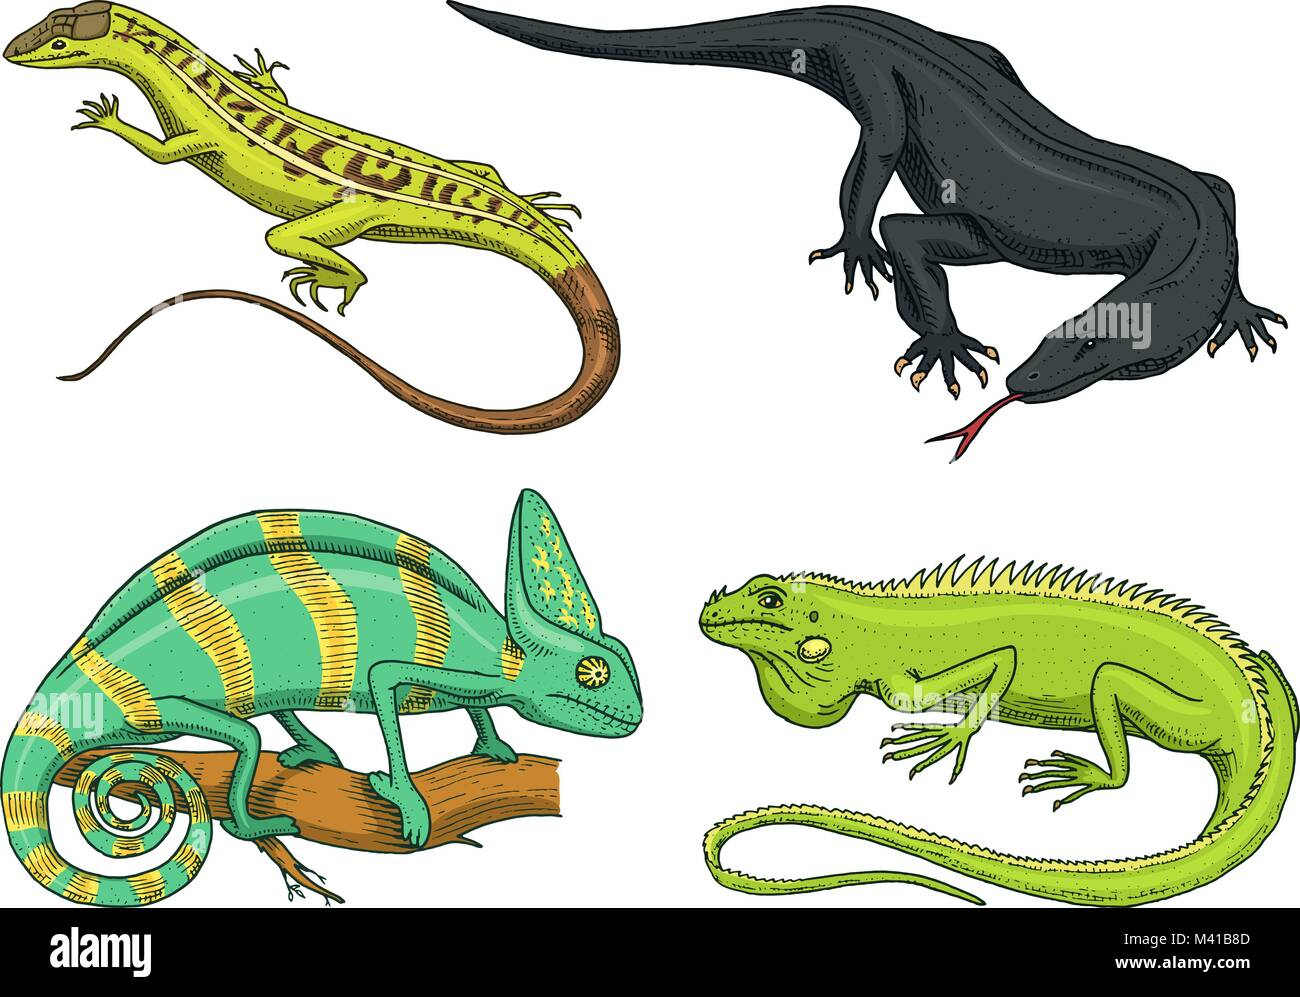 The Reptile Book Imágenes De Stock & The Reptile Book Fotos De Stock ...